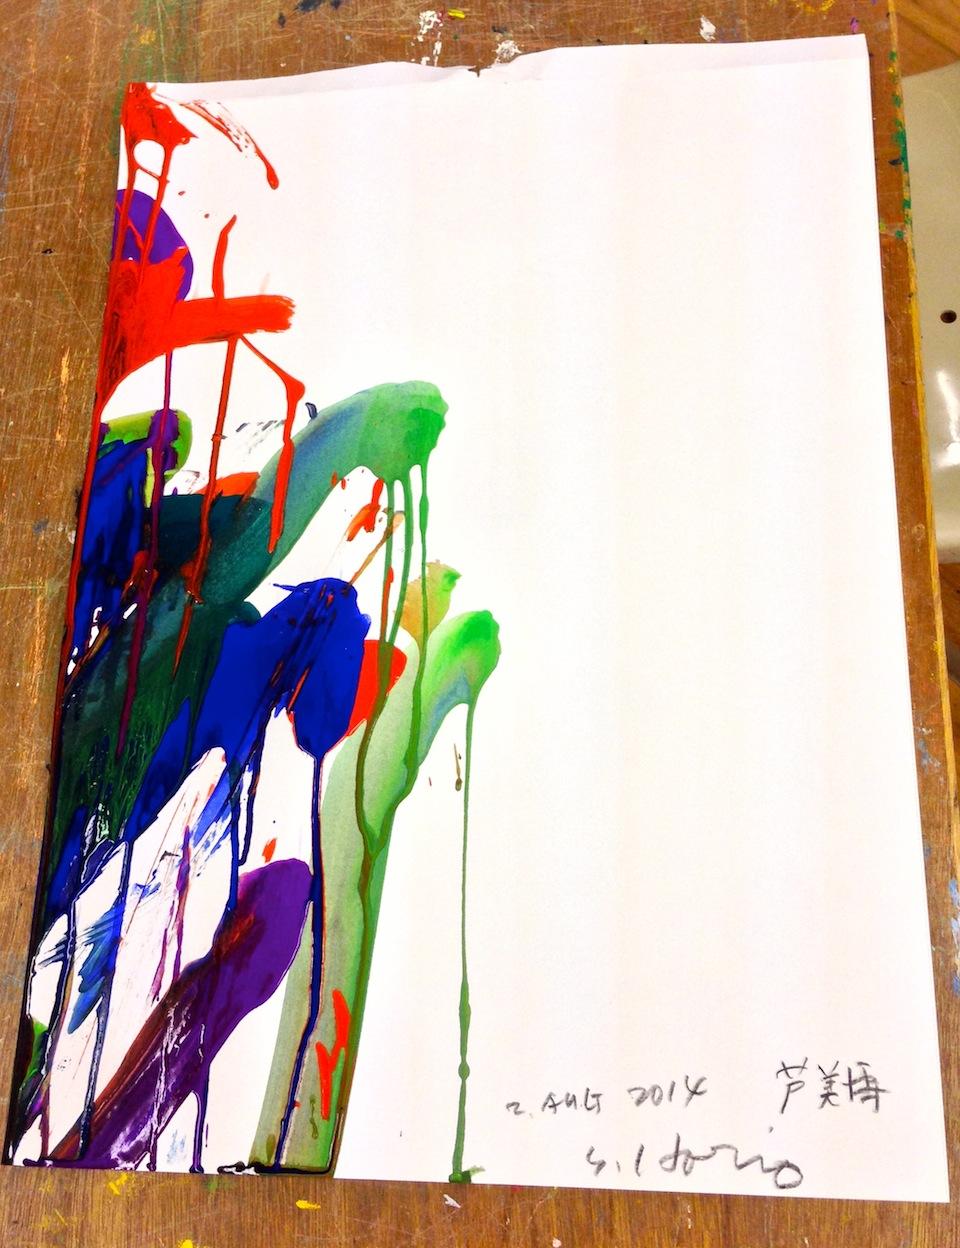 参加者には一枚ずつ作品が渡されます。なんとボクは一番前の絵をいただきました!